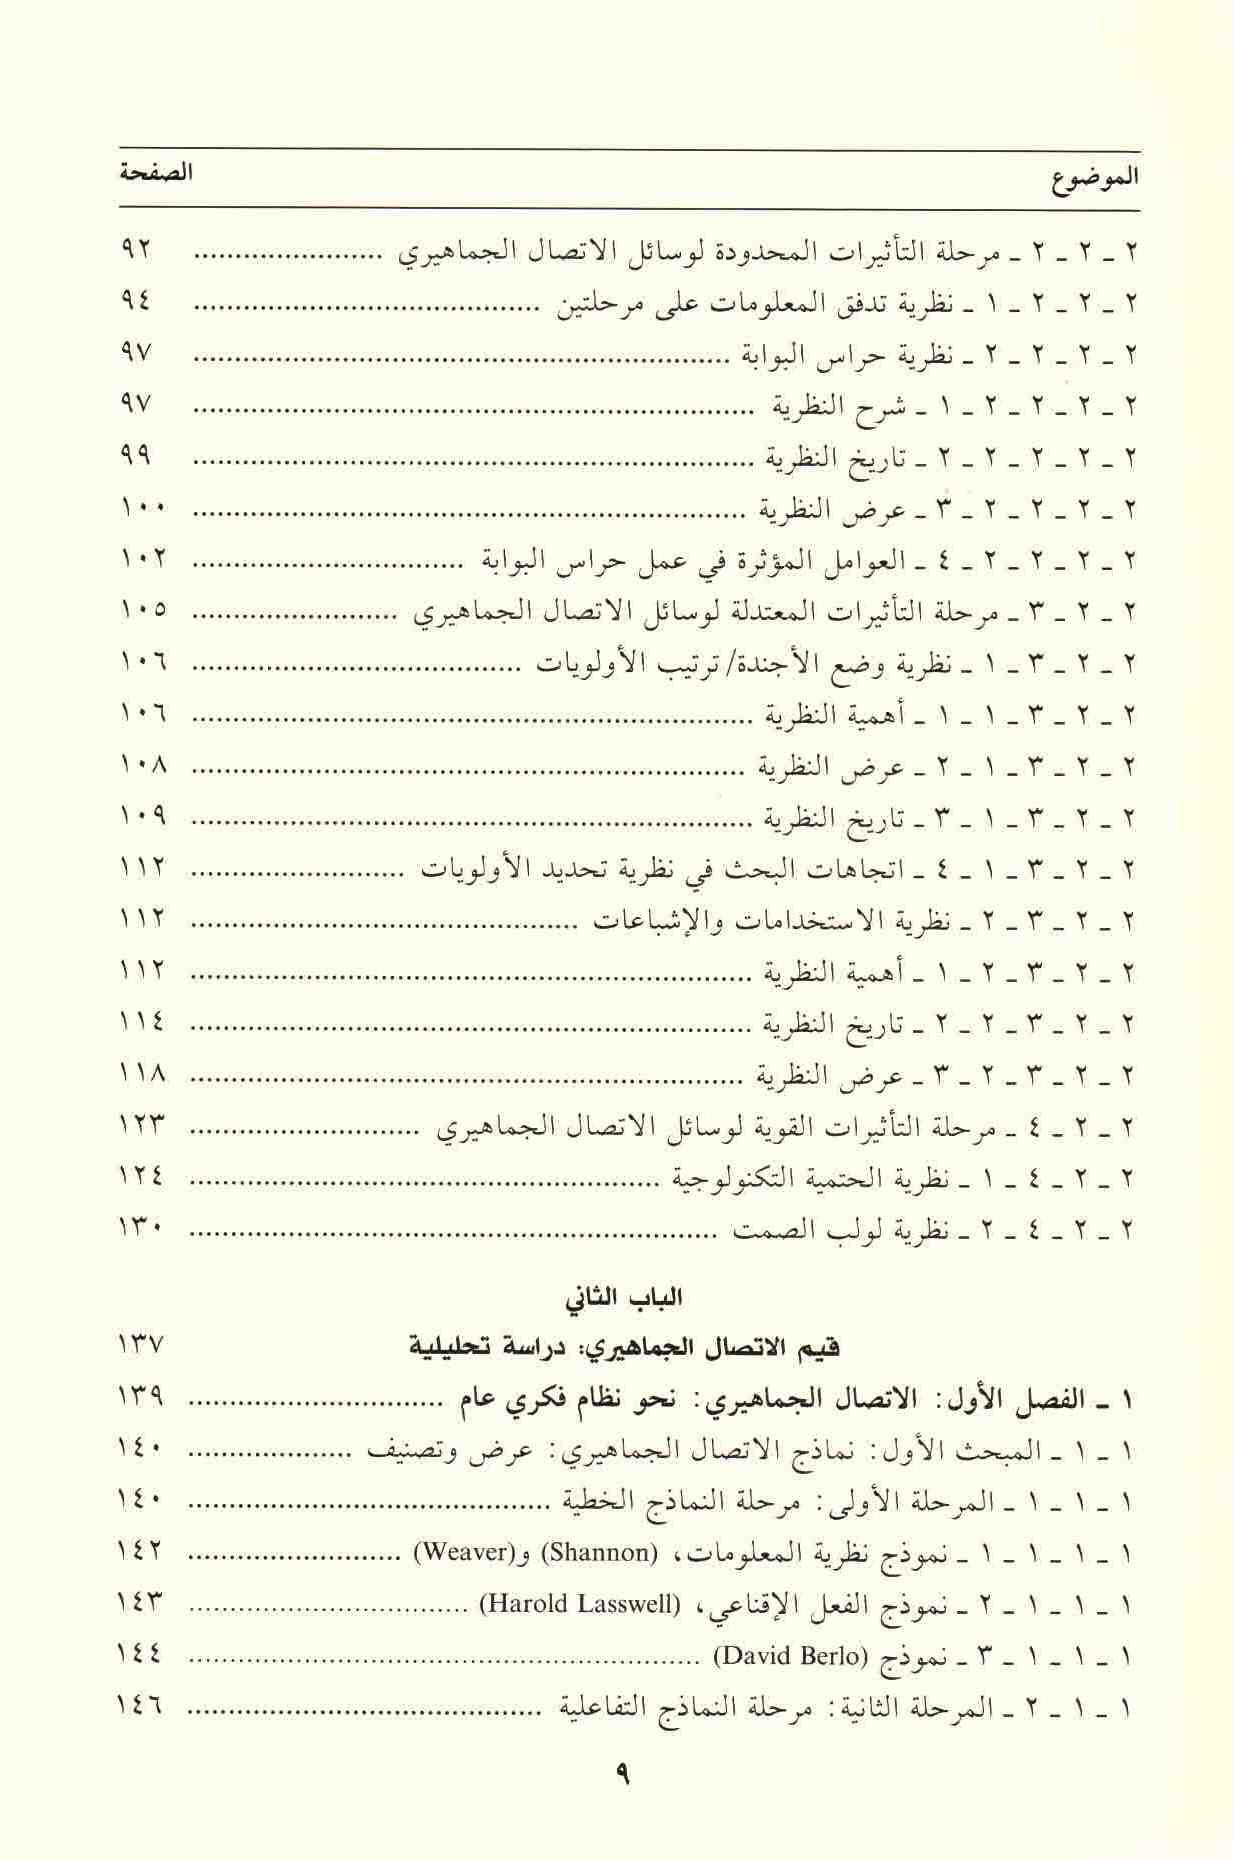 ص 9محتويات كتاب الاتصال الجماهيري وسؤال القيم